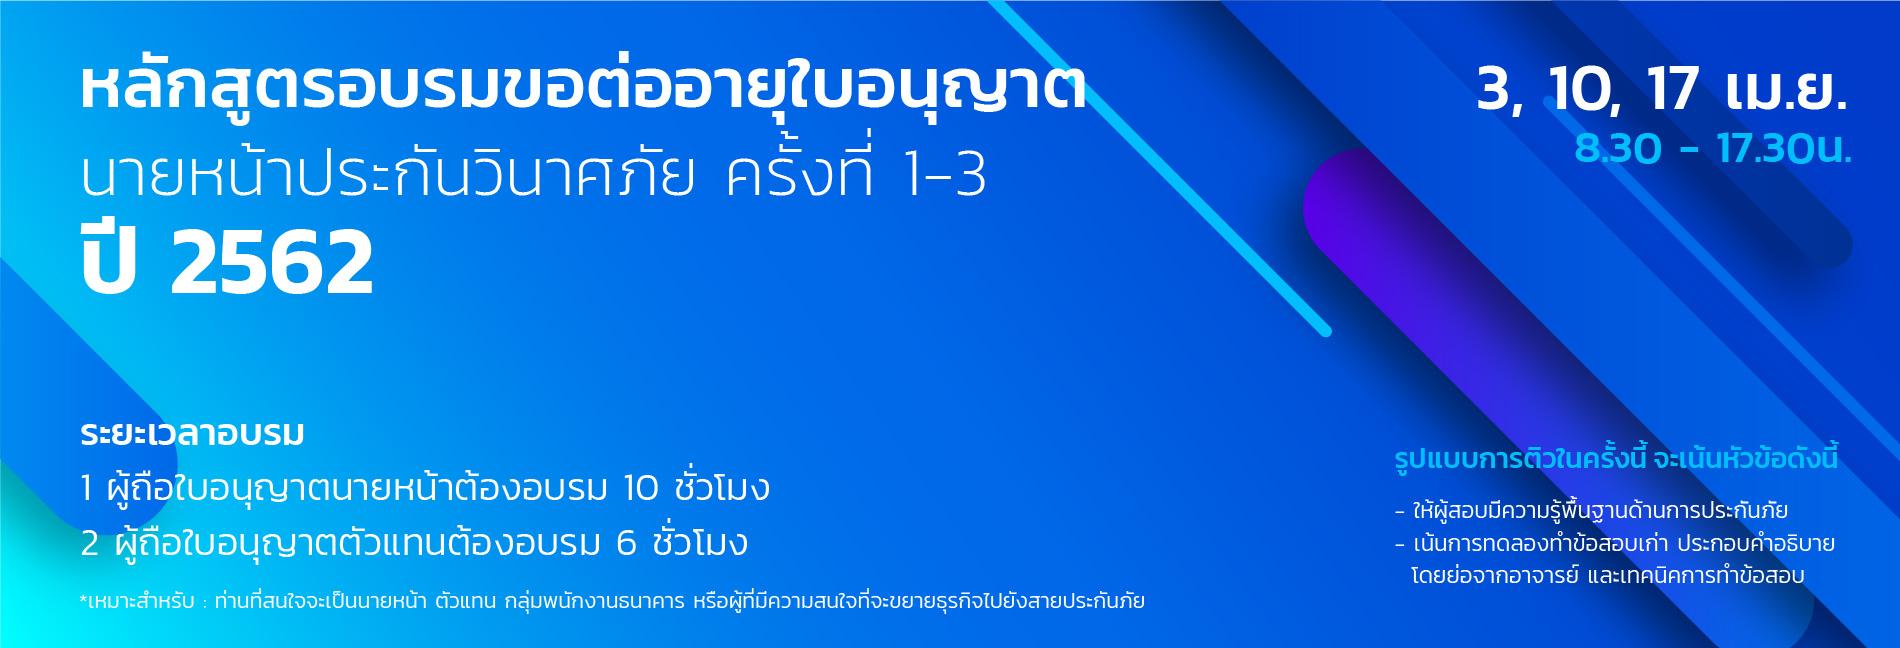 สถาบันประกันภัยไทย 2